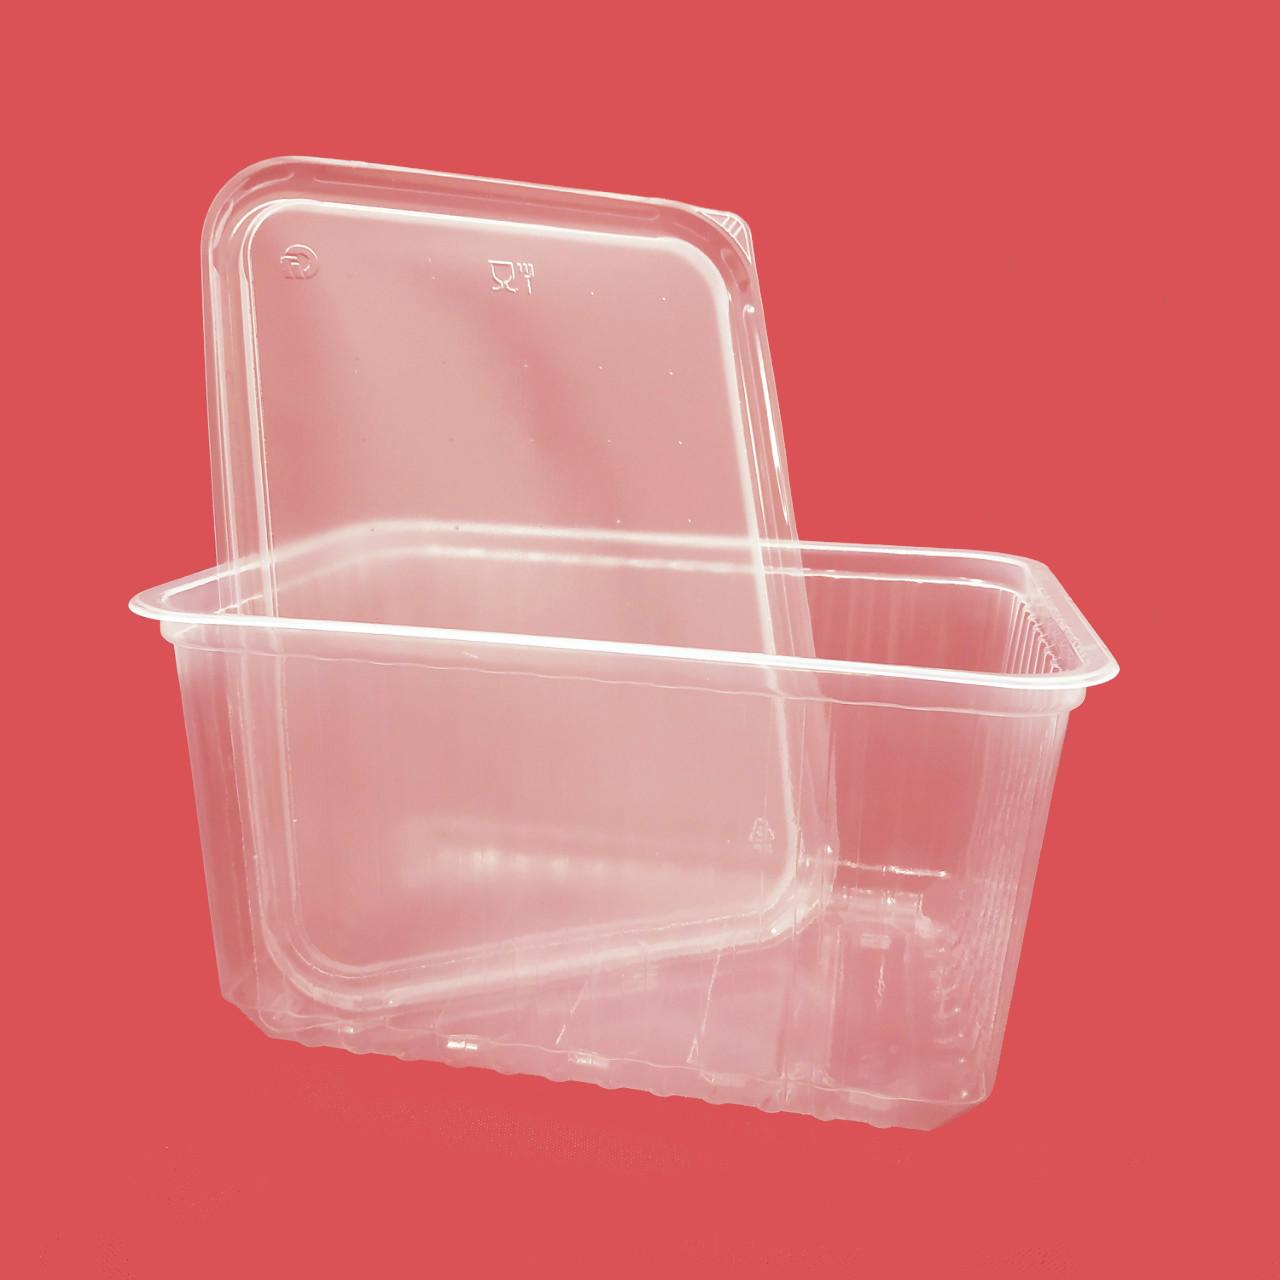 Пластиковая упаковка 1500 мл для пищевых продуктов, упаковка — 50 шт